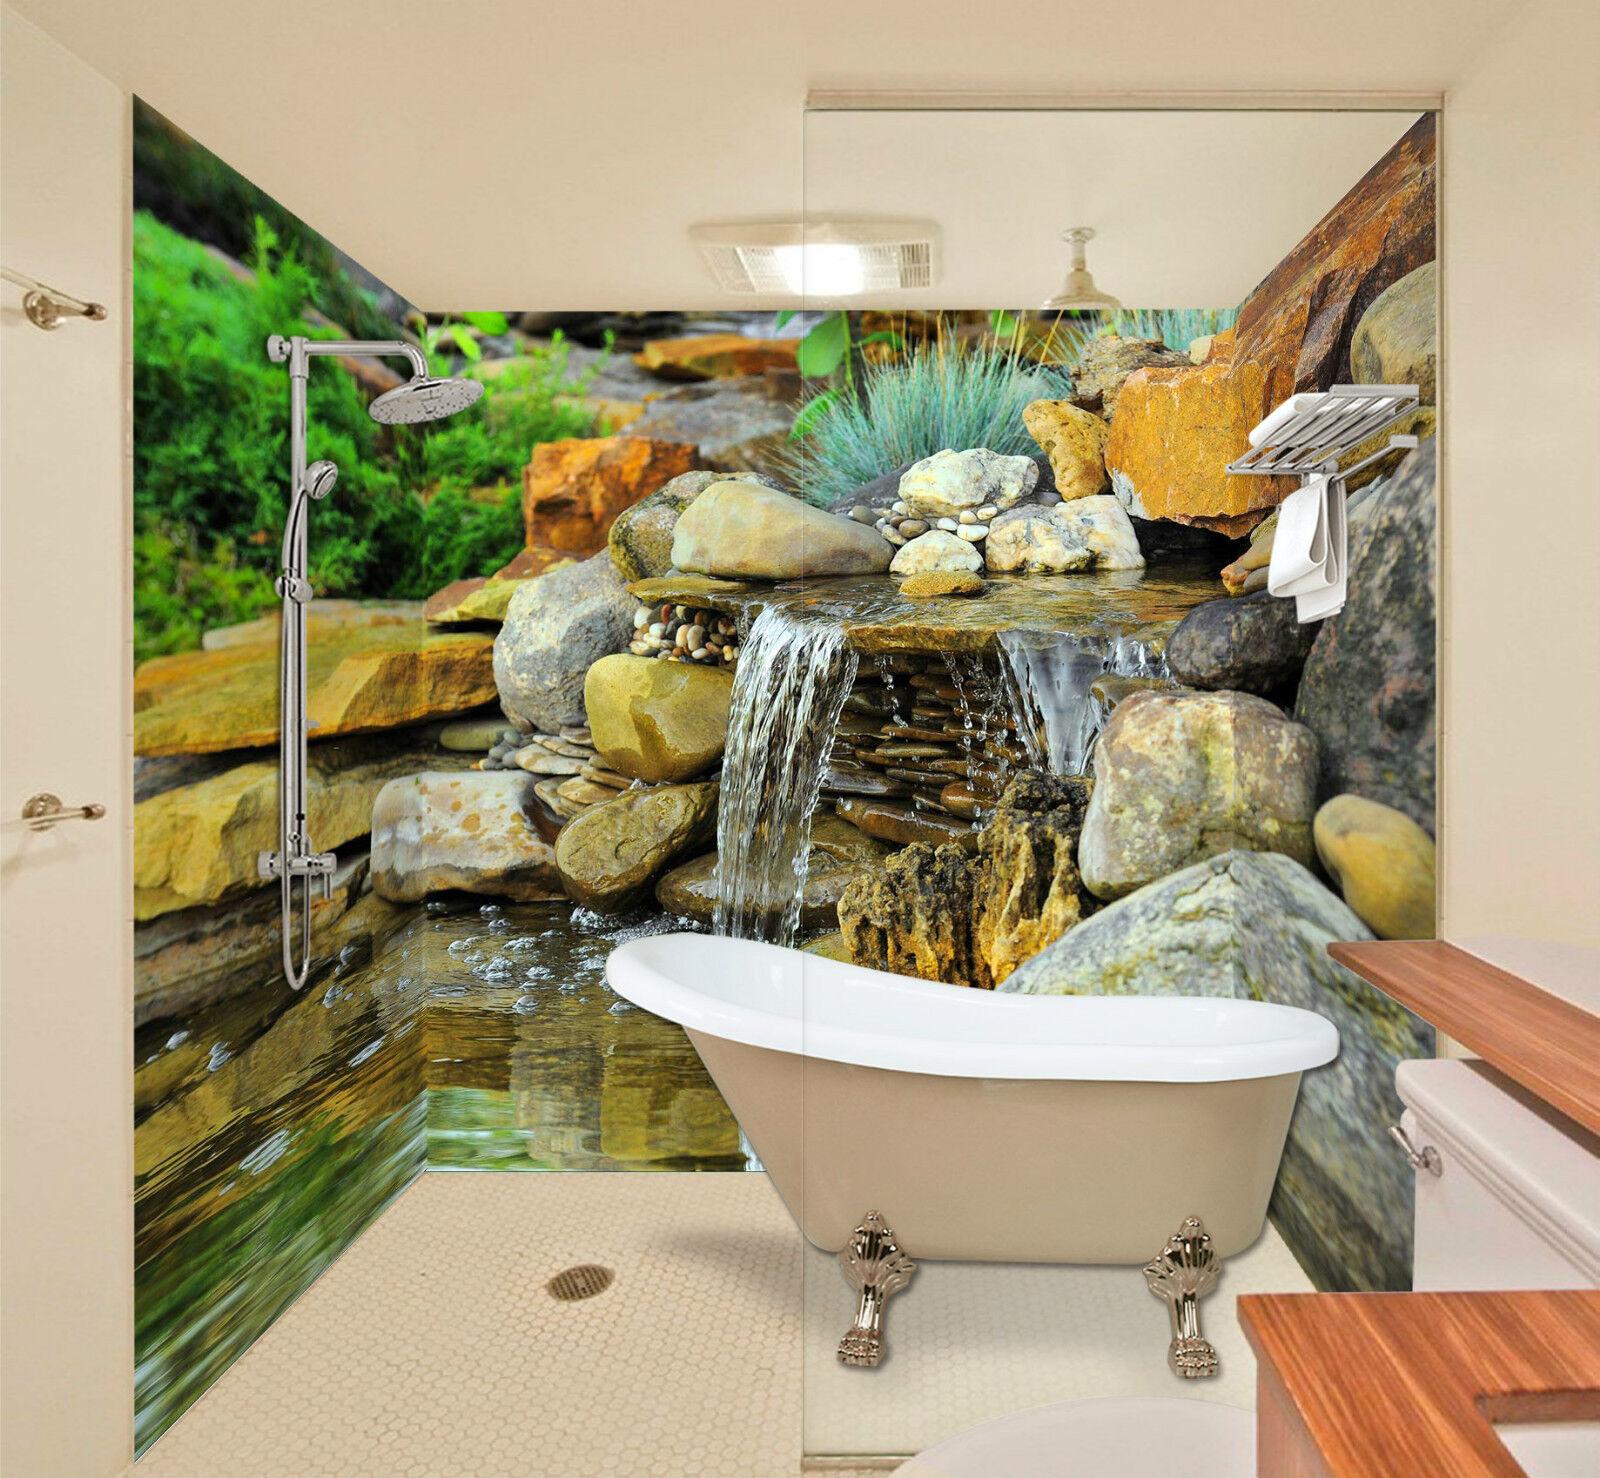 3D Stones Stream 071 WallPaper Bathroom Print Decal Wall Deco AJ WALLPAPER CA